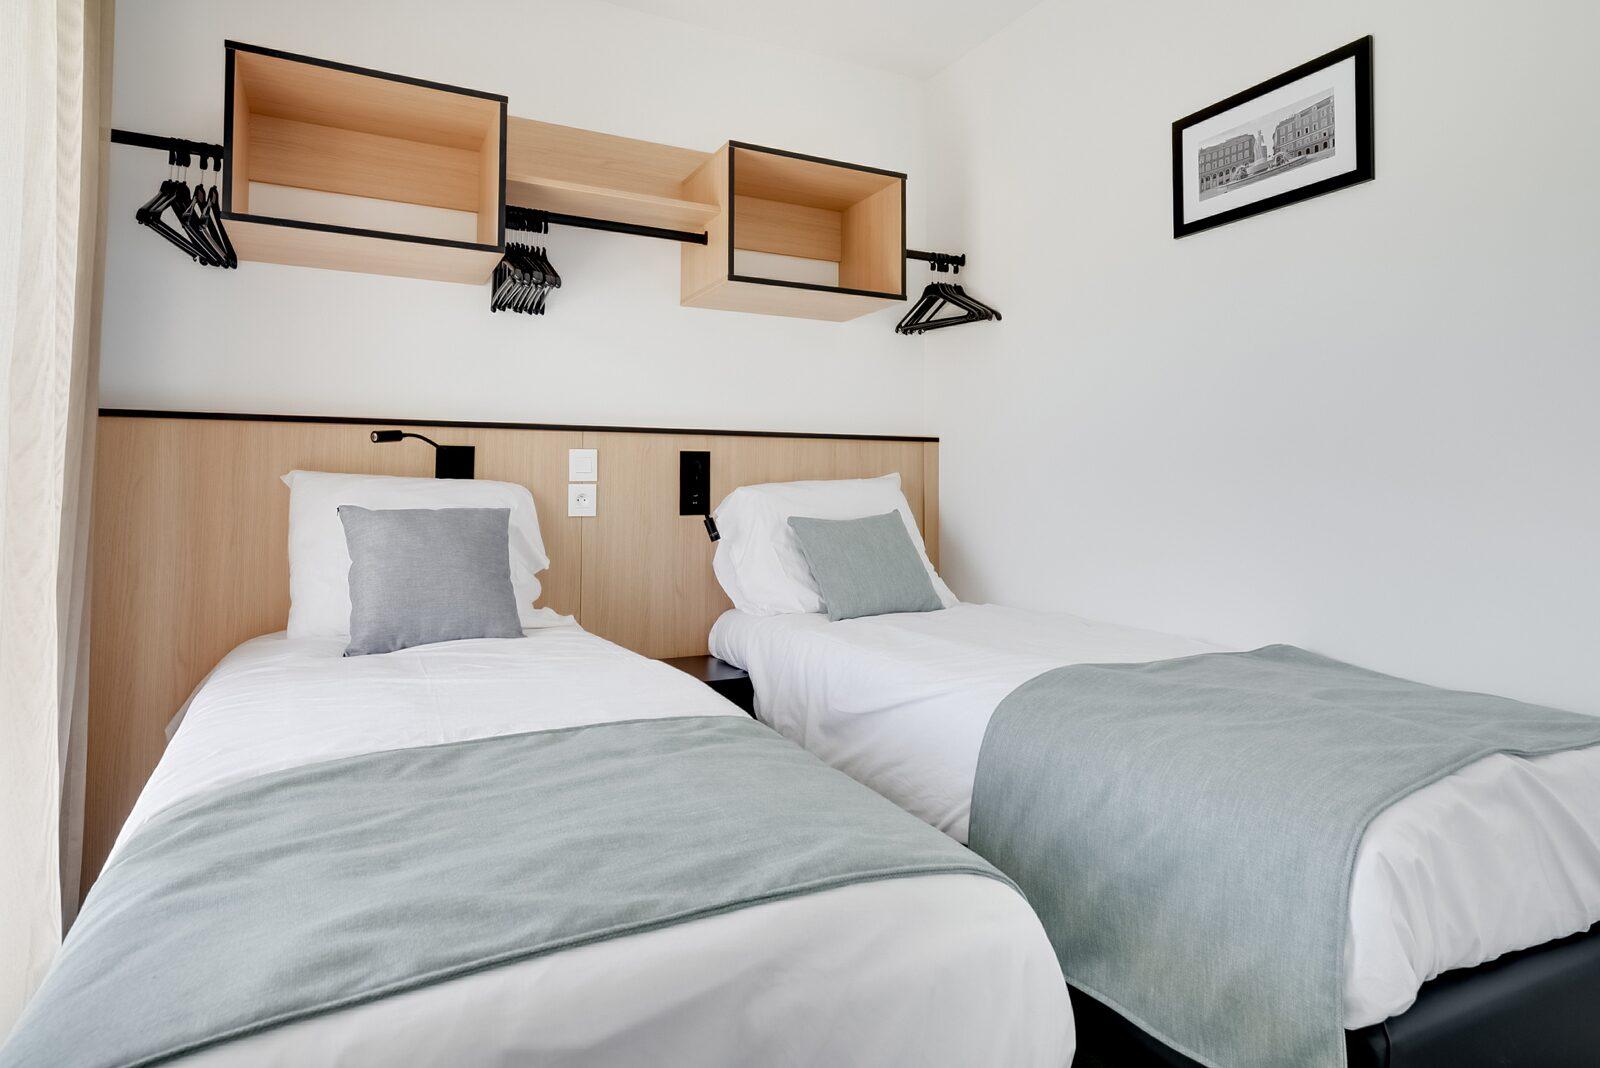 Nouveau penthouse deluxe pour 6 personnes avec 2 chambres